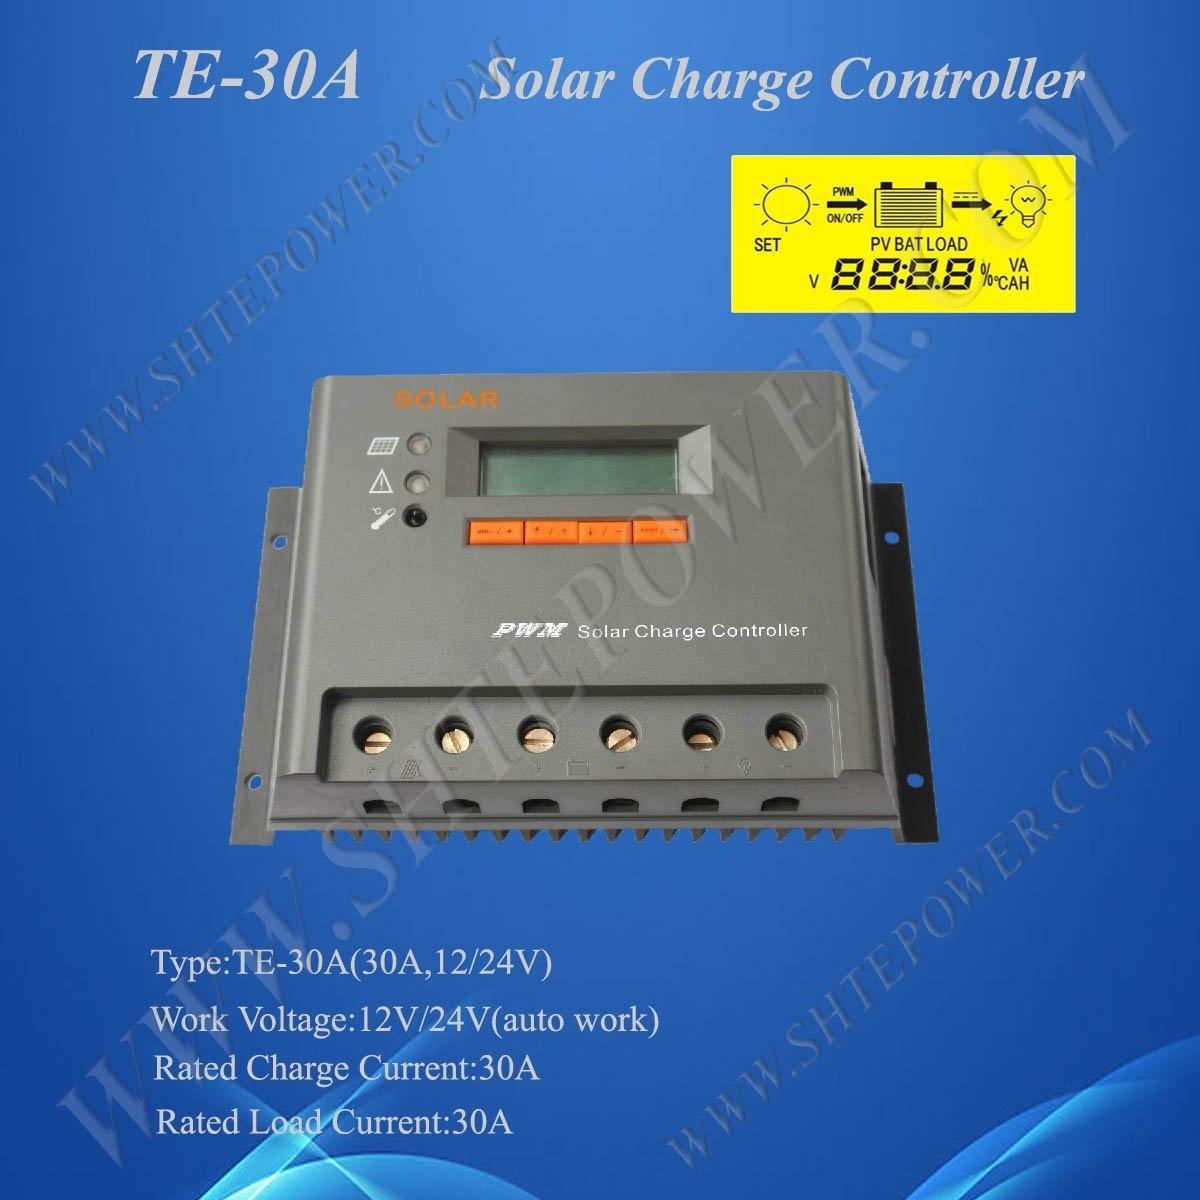 Regolatore di Carica solare 30A, 12 V/24 V Lavoro Auto Regolatore di Carica per Pannello SolareRegolatore di Carica solare 30A, 12 V/24 V Lavoro Auto Regolatore di Carica per Pannello Solare